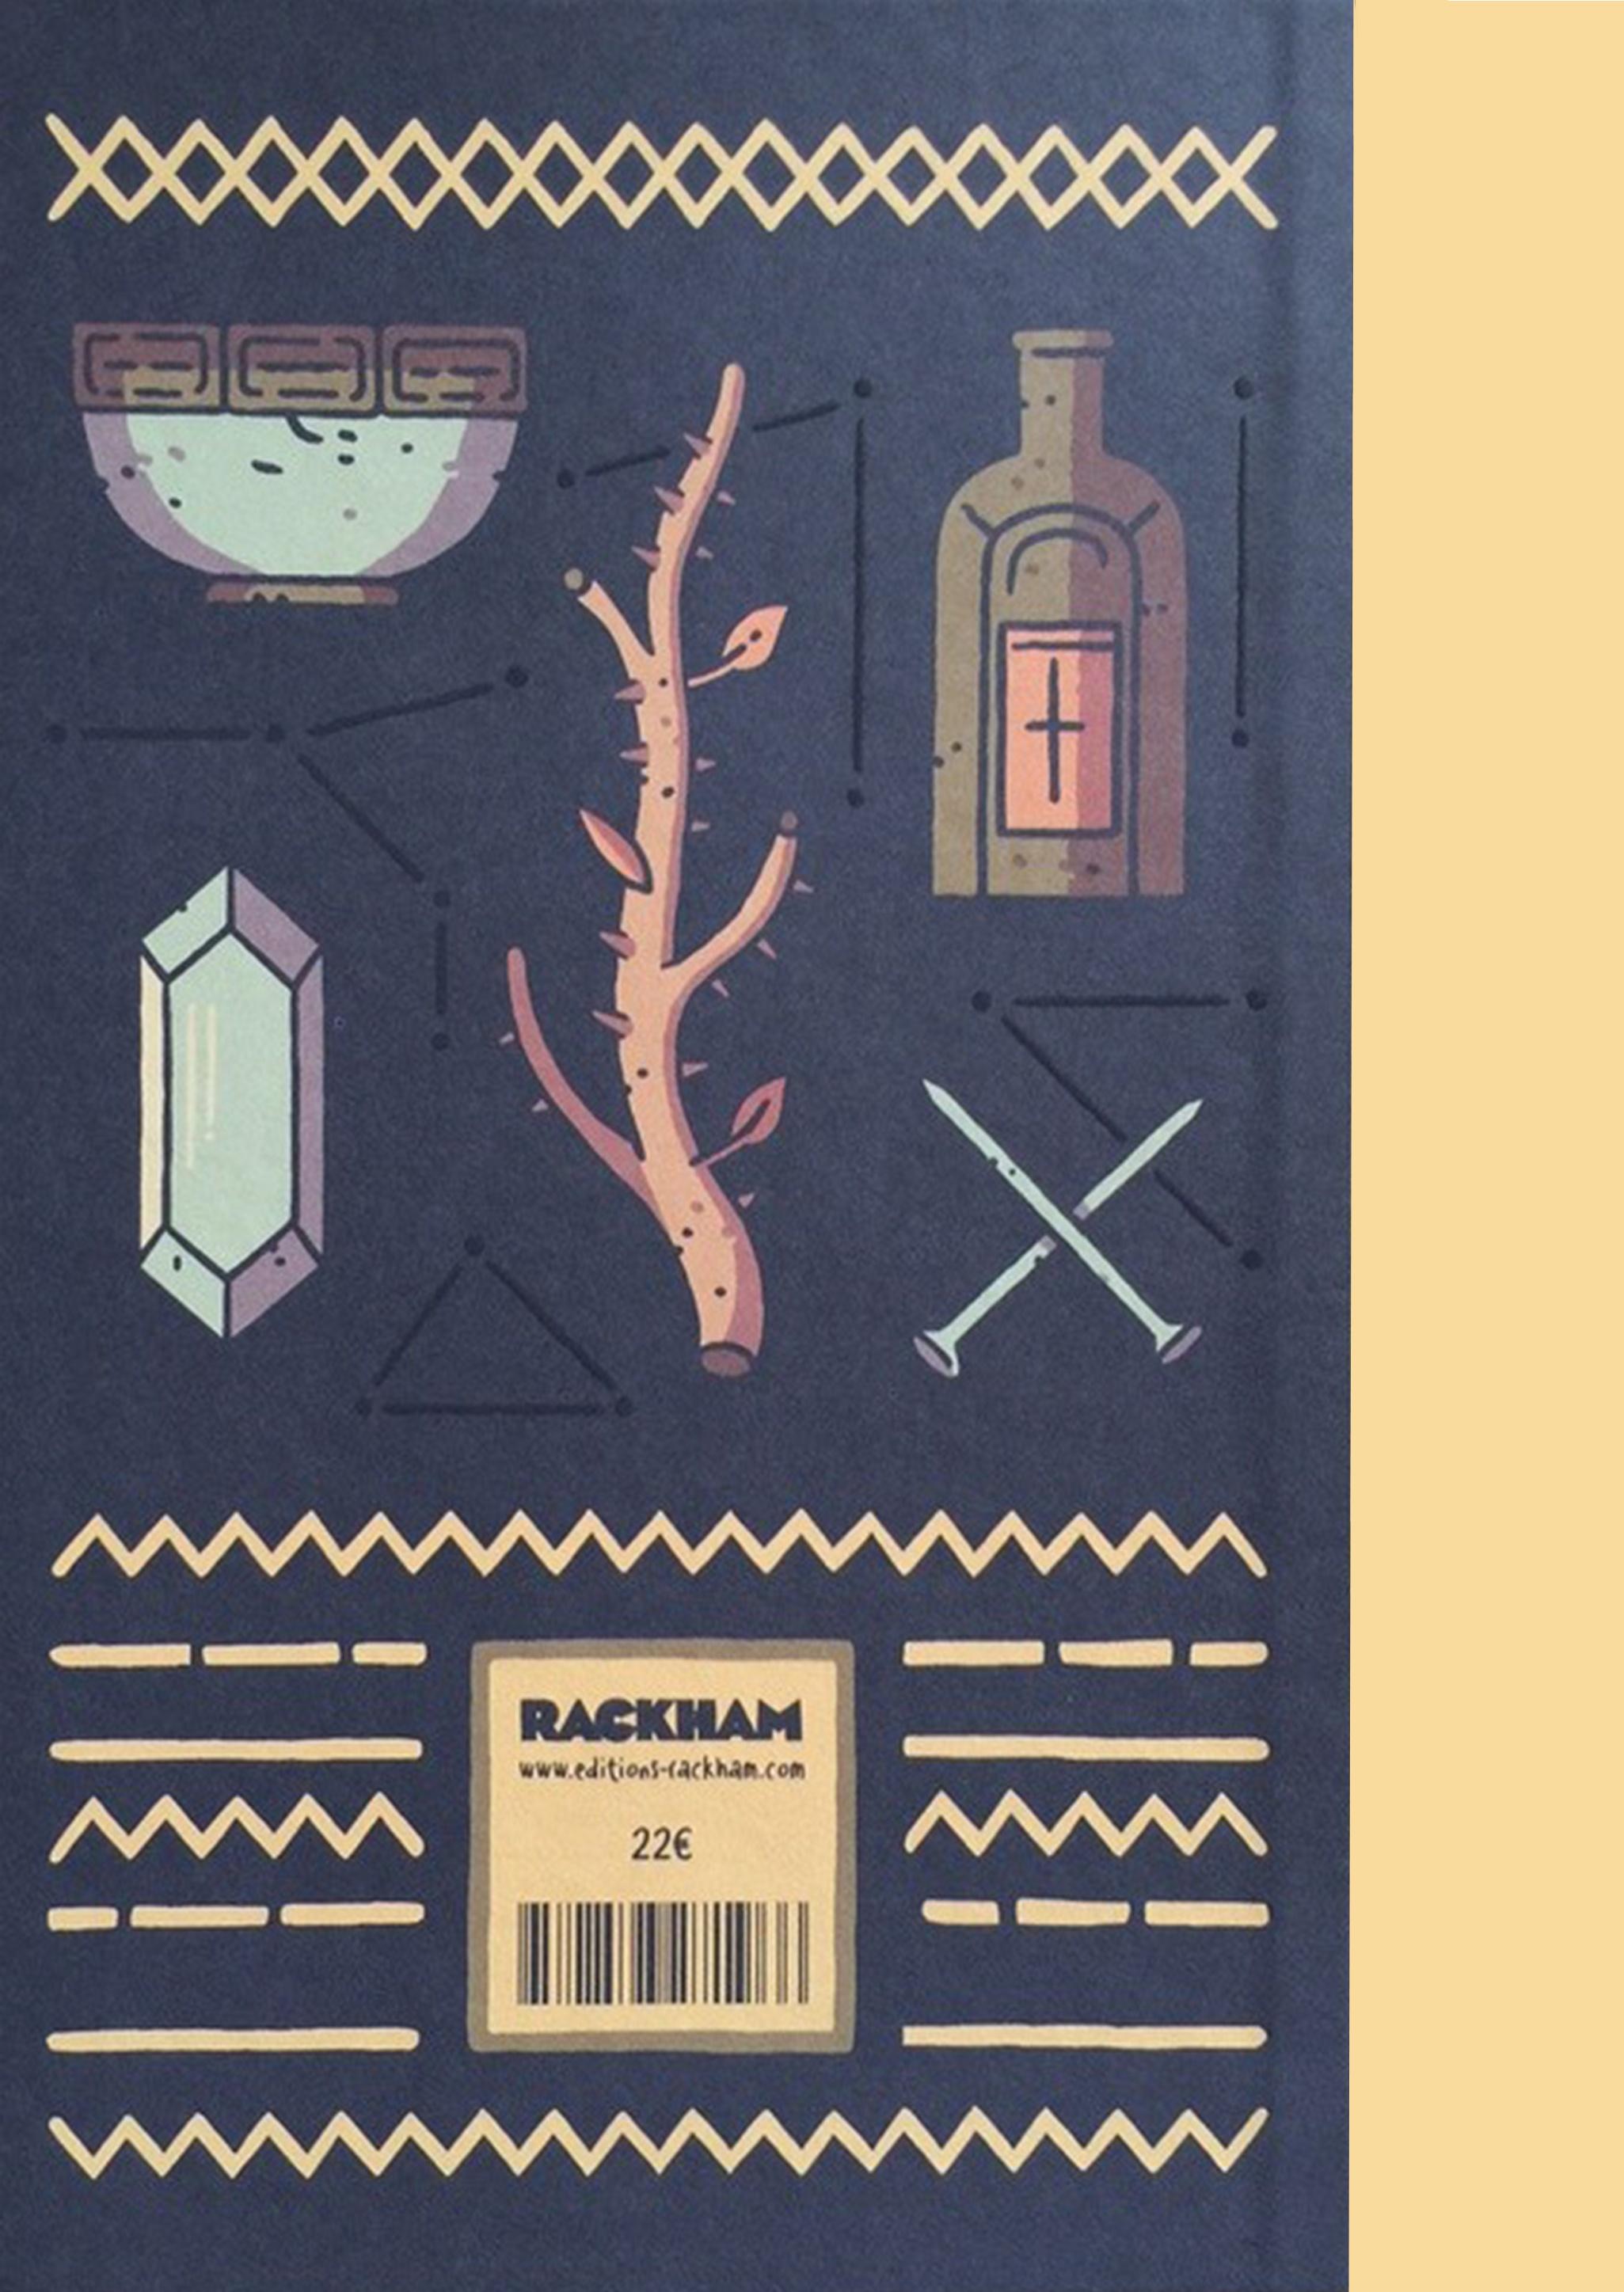 Quatrième de couverture de Rituels © 2016, Rackham, 2015, Astiberri, Álvaro Ortiz